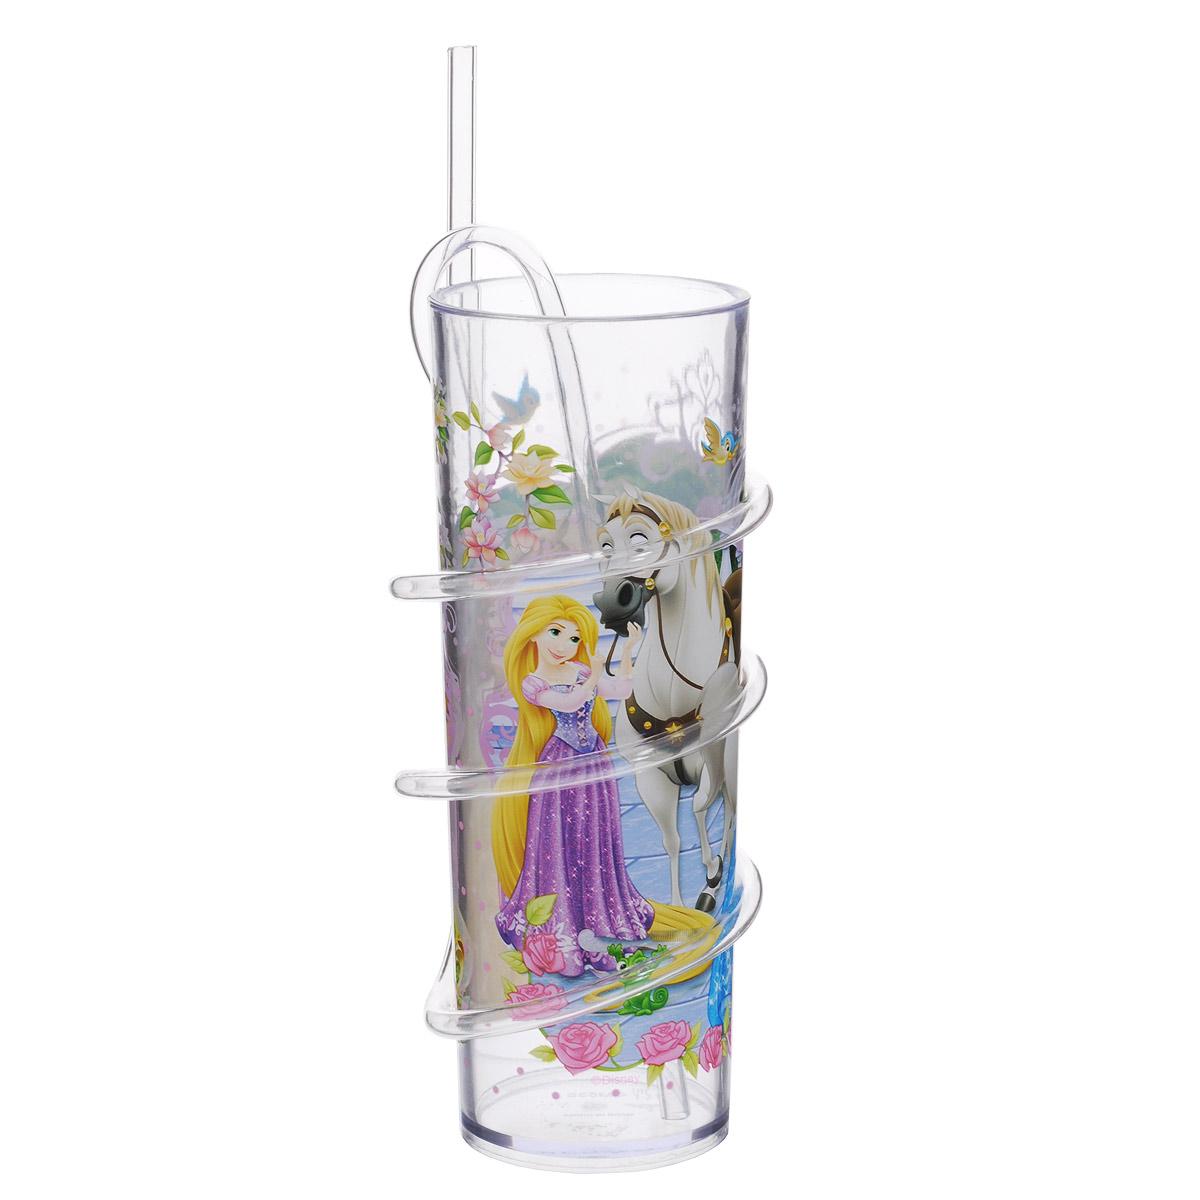 Бокал Disney Принцессы, с витой соломинкой, 330 мл535P1Бокал Disney Принцессы изготовлен из прозрачного пищевого пластика, имитирующего стекло. Это очень удобно и безопасно, так как пластик не бьется. Изделие декорировано красочным изображением Рапунцель, Золушки и Бэлль, что обязательно понравится вашей малышке и сделает бокал ее самым любимым. Съемная витая соломинка позволяет вдоволь насладиться любимым или не очень напитком, превратив все в игру, ведь так интересно наблюдать, как жидкость проходит через всю соломинку. Бокал подходит холодных и горячих напитков до 85°С. Для детей от 3-х лет. Не рекомендуется ставить в СВЧ и мыть в посудомоечной машине. Изготовлено по лицензии Dream Works.